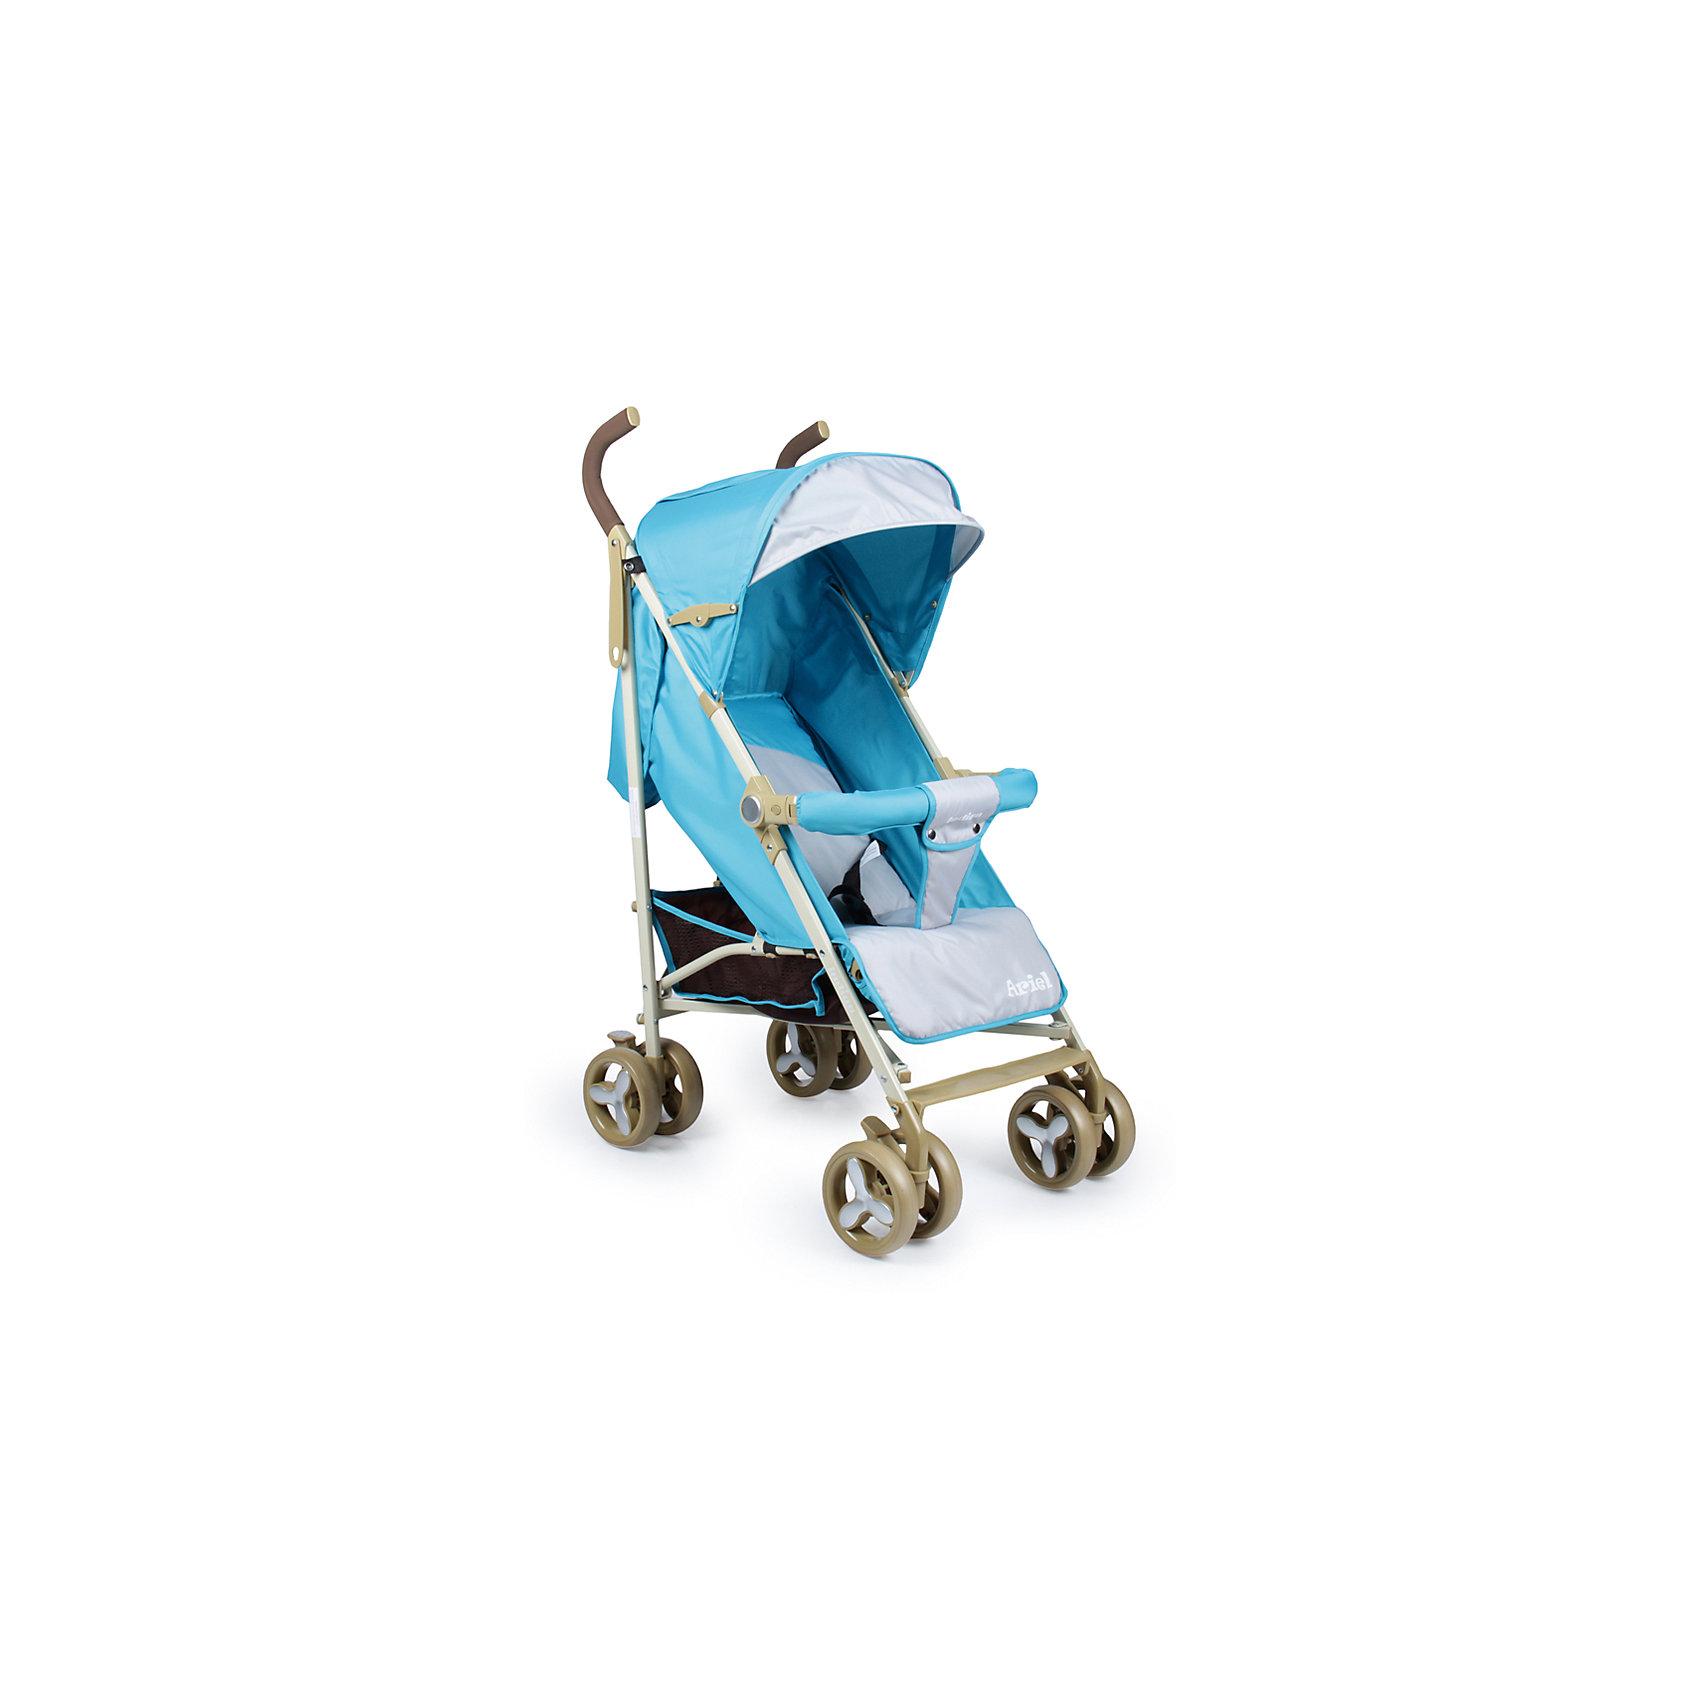 Коляска-трость Indigo Ariel, бирюзаНедорогие коляски<br>Характеристики коляски-трости Indigo Ariel<br><br>Прогулочный блок:<br><br>• регулируемая спинка: положение «сидя», «полусидя», «полулежа», угол наклона 85-165 градусов;<br>• 3-х точечные ремни безопасности;<br>• смотровое сетчатое окошко под клапаном на липучке; <br>• капюшон оснащен солнцезащитным козырьком, имеется дополнительная сетчатая вставка;<br>• кармашек для мелочей, закрывается клапаном;<br>• бампер обтянут тканью, отводится в сторону;<br>• имеется разделитель для ножек;<br>• чехол на ножки позволяет малышу согреться в прохладную погоду.<br><br>Рама коляски: <br><br>• сдвоенные колеса: плавающие передние с блокировкой, задние оснащены тормозом;<br>• механизм складывания: трость;<br>• ширина колесной базы: 49 см;<br>• диаметр колес: 15 см;<br>• длина спального места: 76 см;<br>• ширина сиденья: 34,5 см;<br>• глубина сиденья: 20 см.<br><br>Размер коляски: 84х49х105 см<br>Размер коляски в сложенном виде: 98х14х17,5 см<br>Вес коляски: 7,7 кг<br>Вес в упаковке: 8 кг<br><br>Коляску-трость Ariel, Indigo, бирюза можно купить в нашем интернет-магазине.<br><br>Ширина мм: 980<br>Глубина мм: 140<br>Высота мм: 175<br>Вес г: 7700<br>Возраст от месяцев: 12<br>Возраст до месяцев: 36<br>Пол: Унисекс<br>Возраст: Детский<br>SKU: 5511814